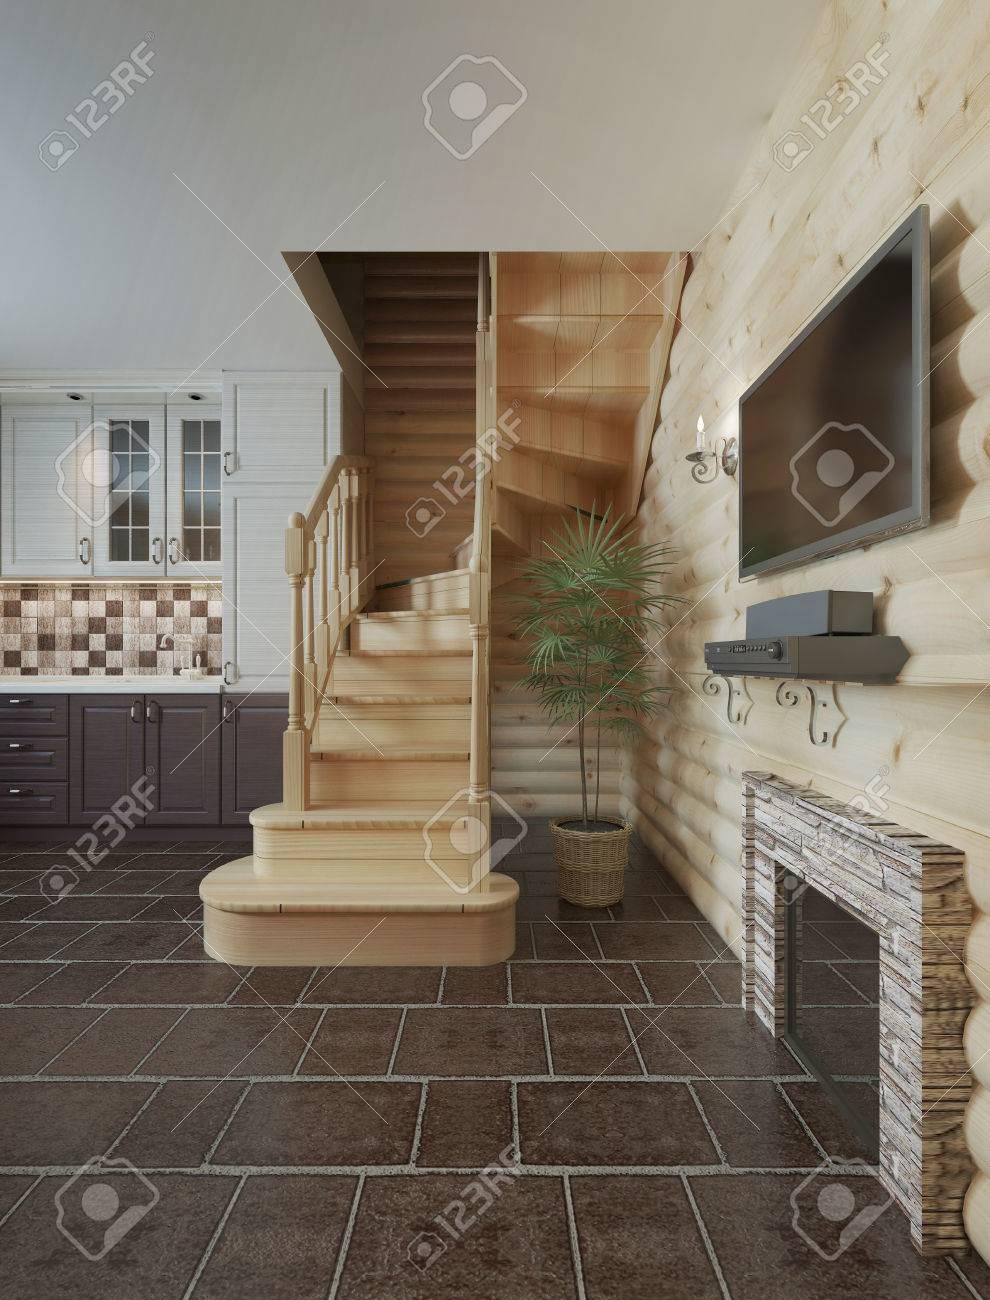 el tramo de escaleras en el interior de la cabina de registro cocina comedor escaleras